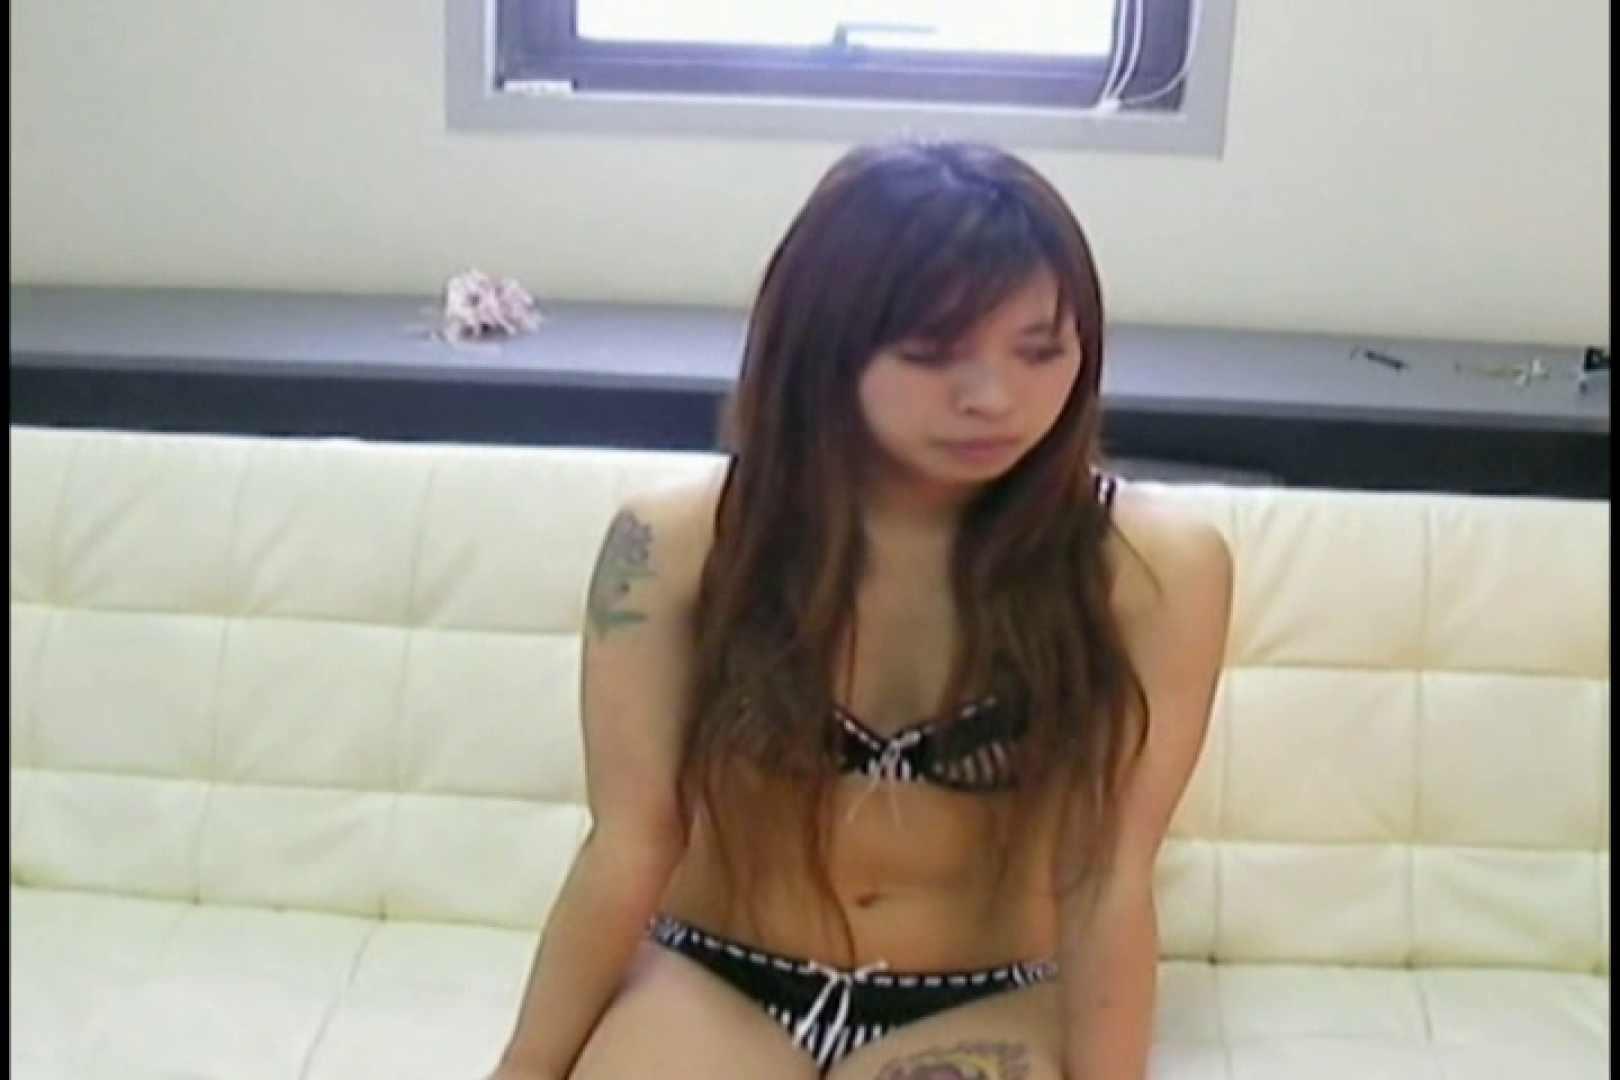 素人撮影 下着だけの撮影のはずが・・・ よしこ23歳 着替え おめこ無修正画像 92PIX 46